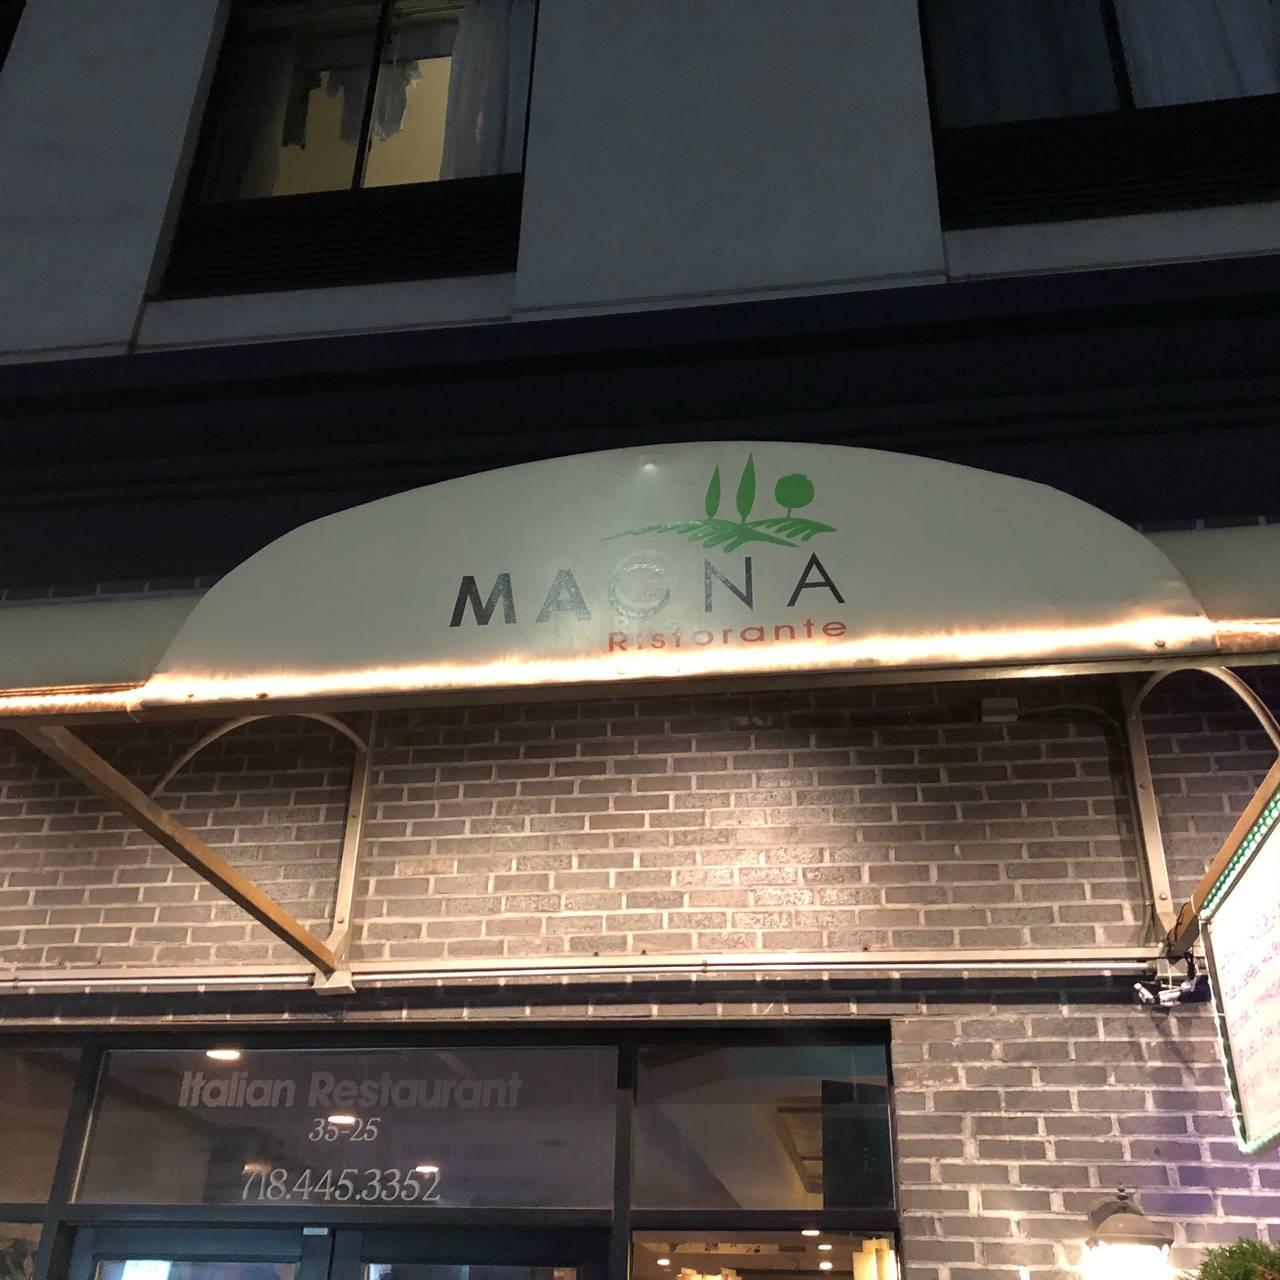 Magna Restaurant Flushing Ny Opentable